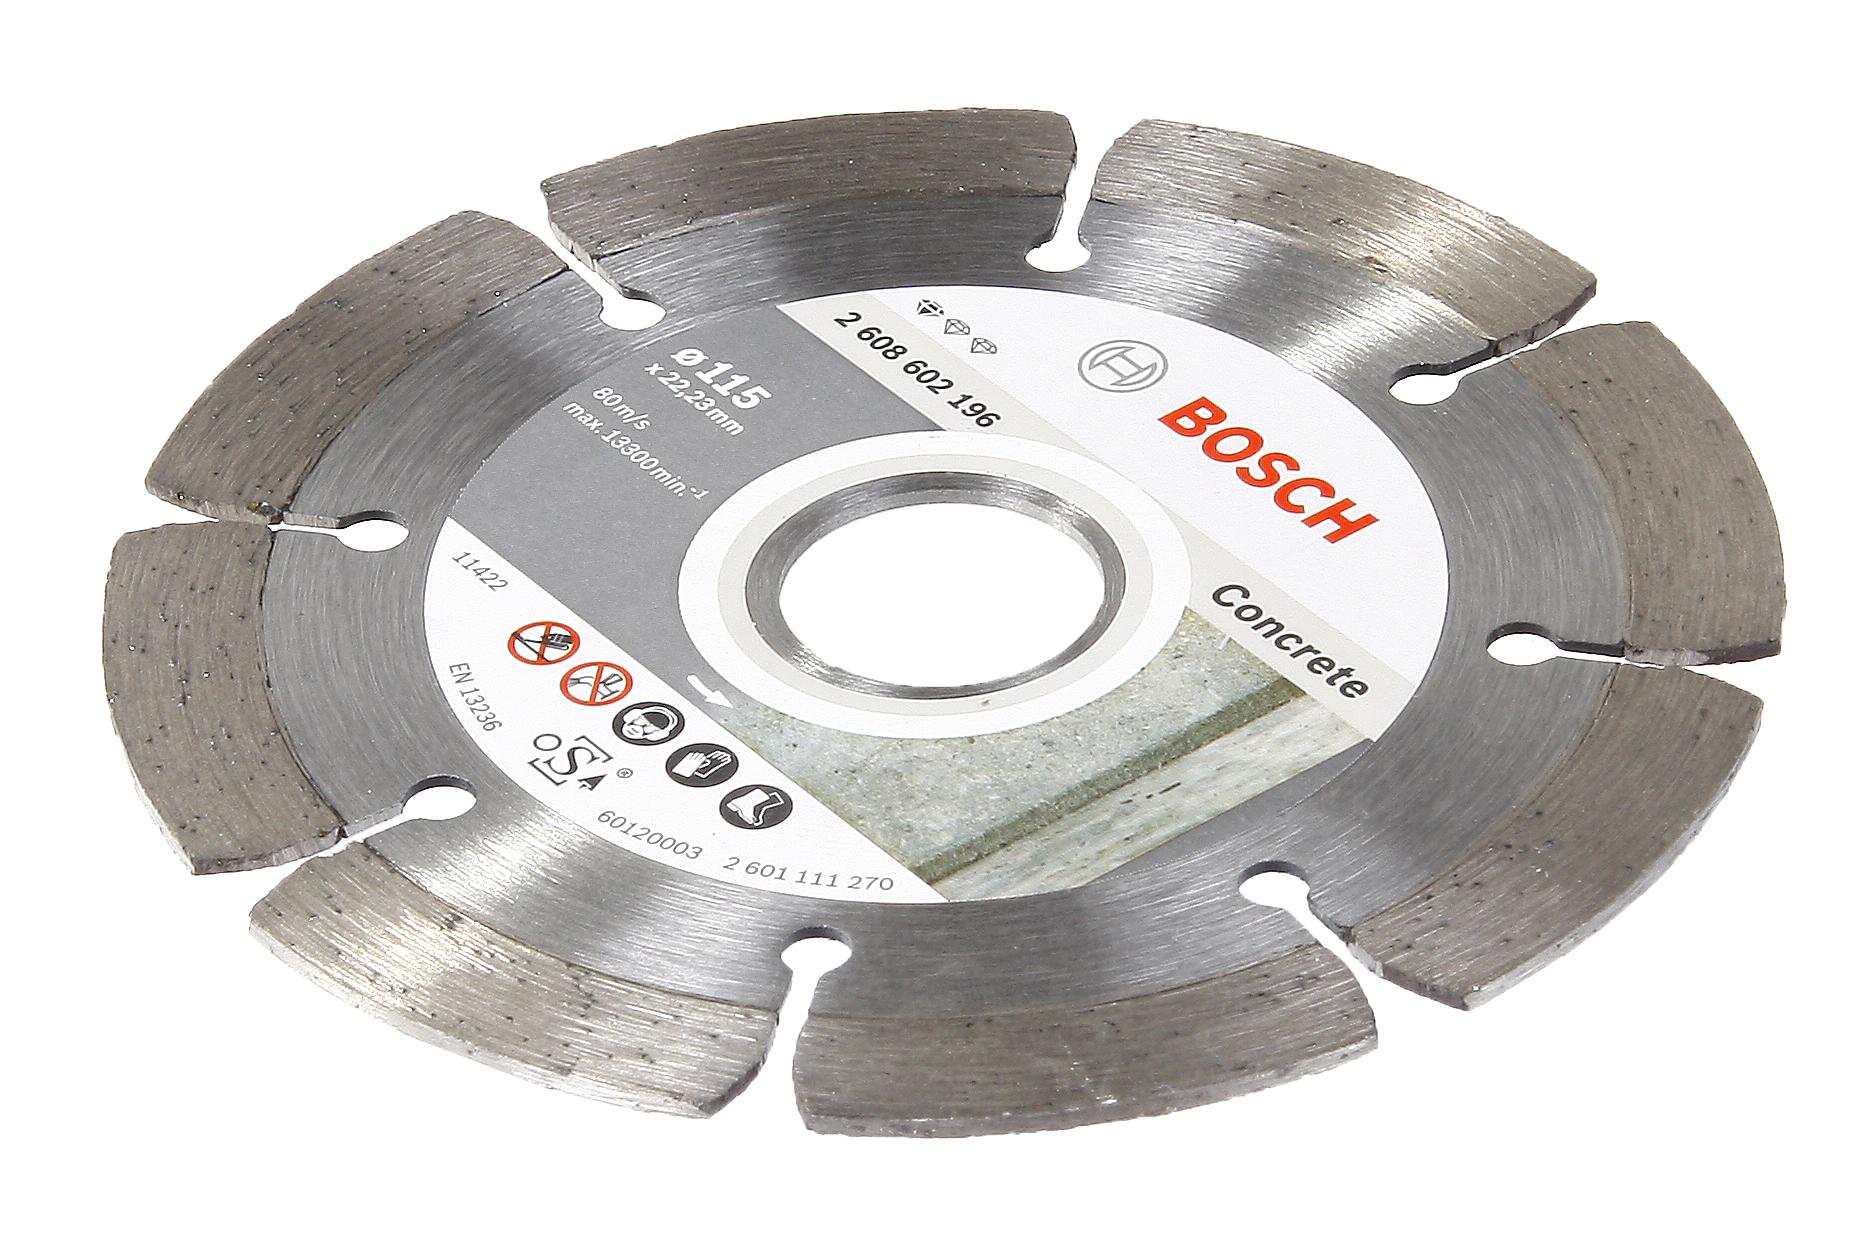 Круг алмазный Bosch Standard for concrete 230x22,2 сегмент (2.608.602.200) круг алмазный bosch expert for concrete 450x25 4 сегмент 2 608 602 563